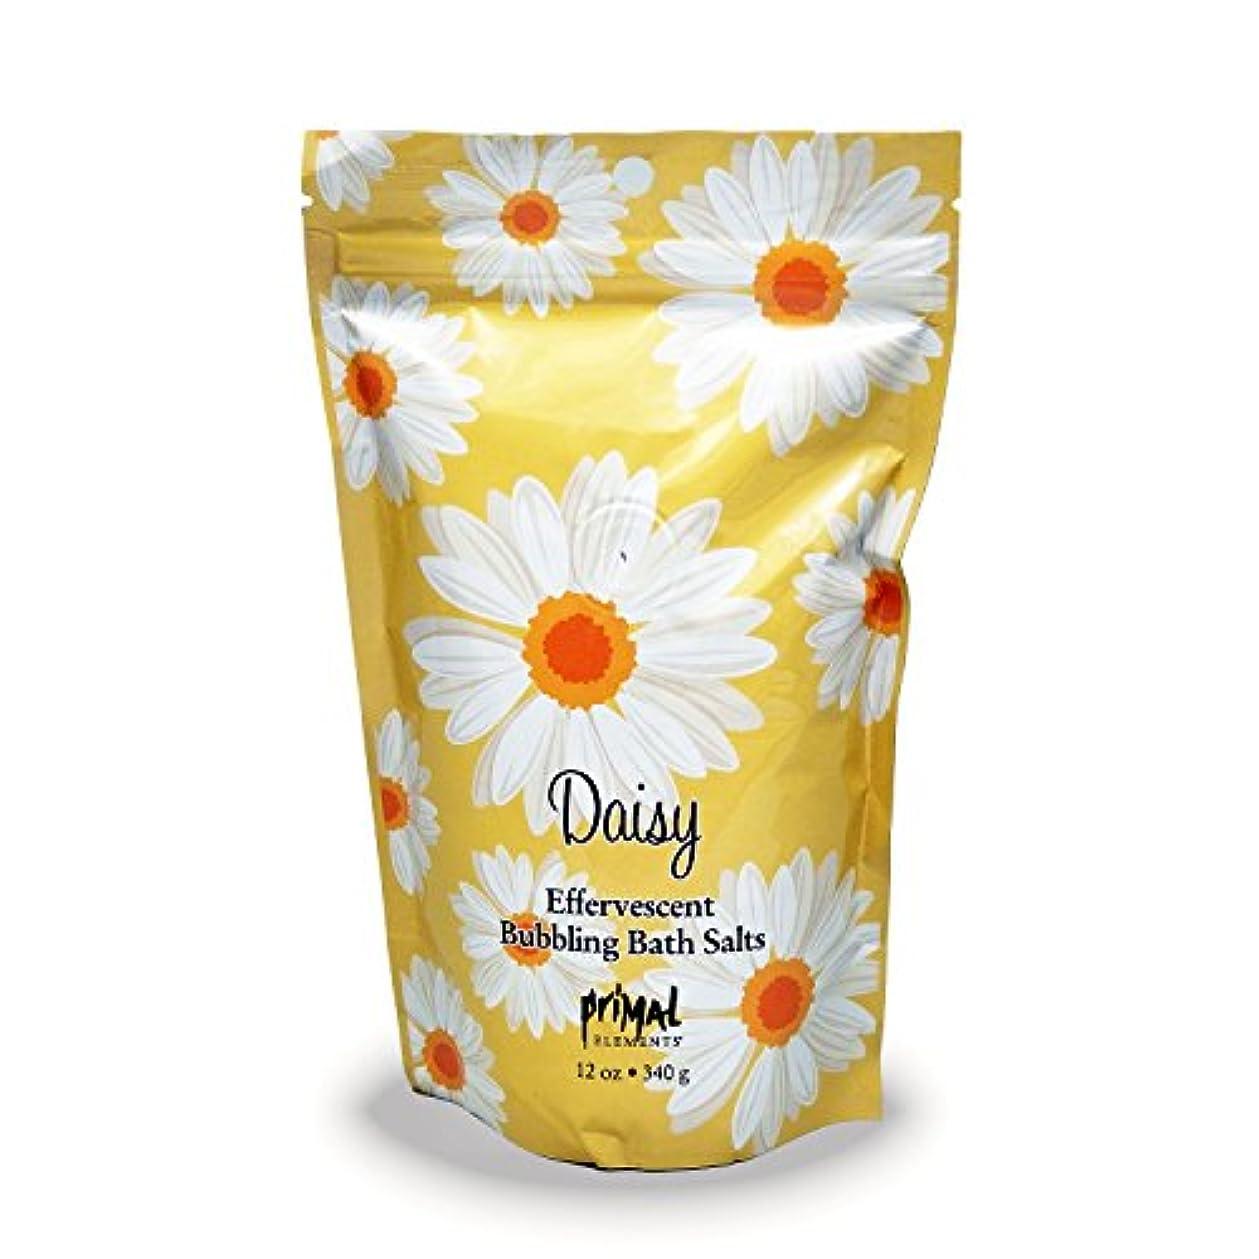 一回処理するささいなプライモールエレメンツ バブリング バスソルト/デイジー 340g エプソムソルト含有 アロマの香りがひろがる泡立つ入浴剤